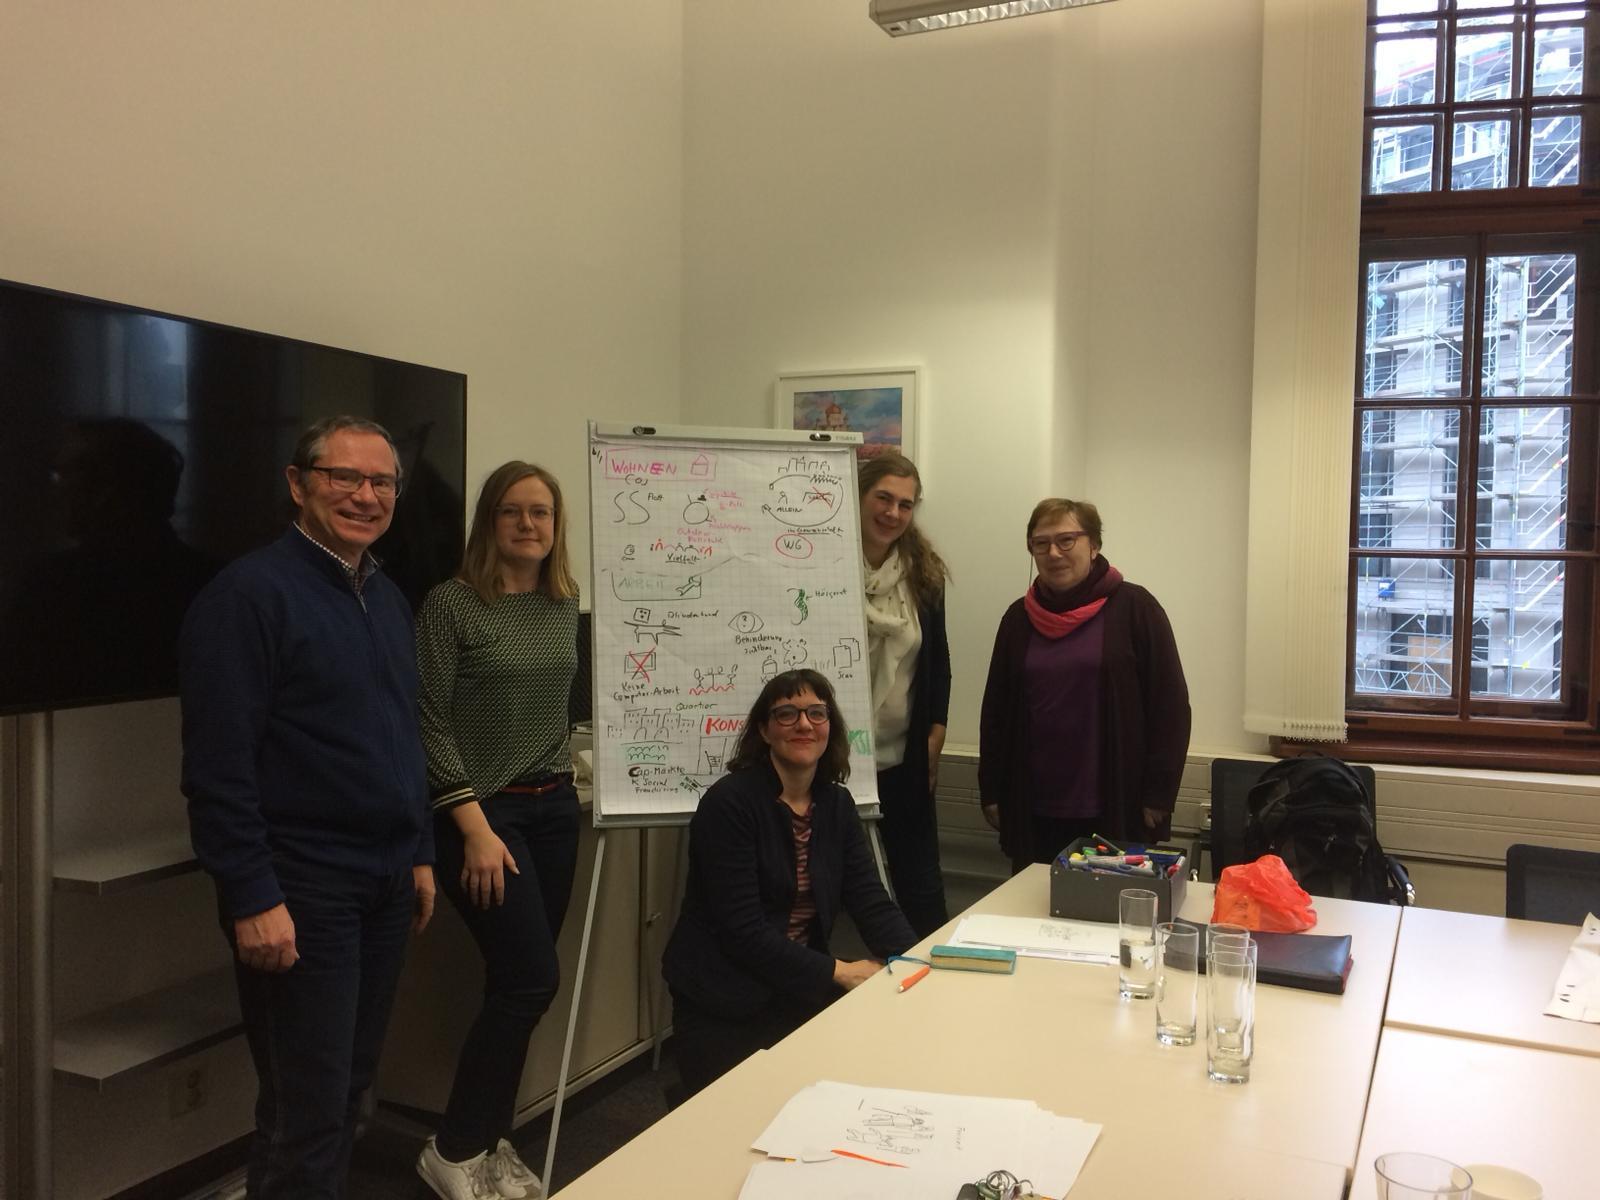 Seminar-Raum im Rathaus Leipzig. Ich mit 4 Mitarbeiter:innen um ein beschriebenes Flipchart.